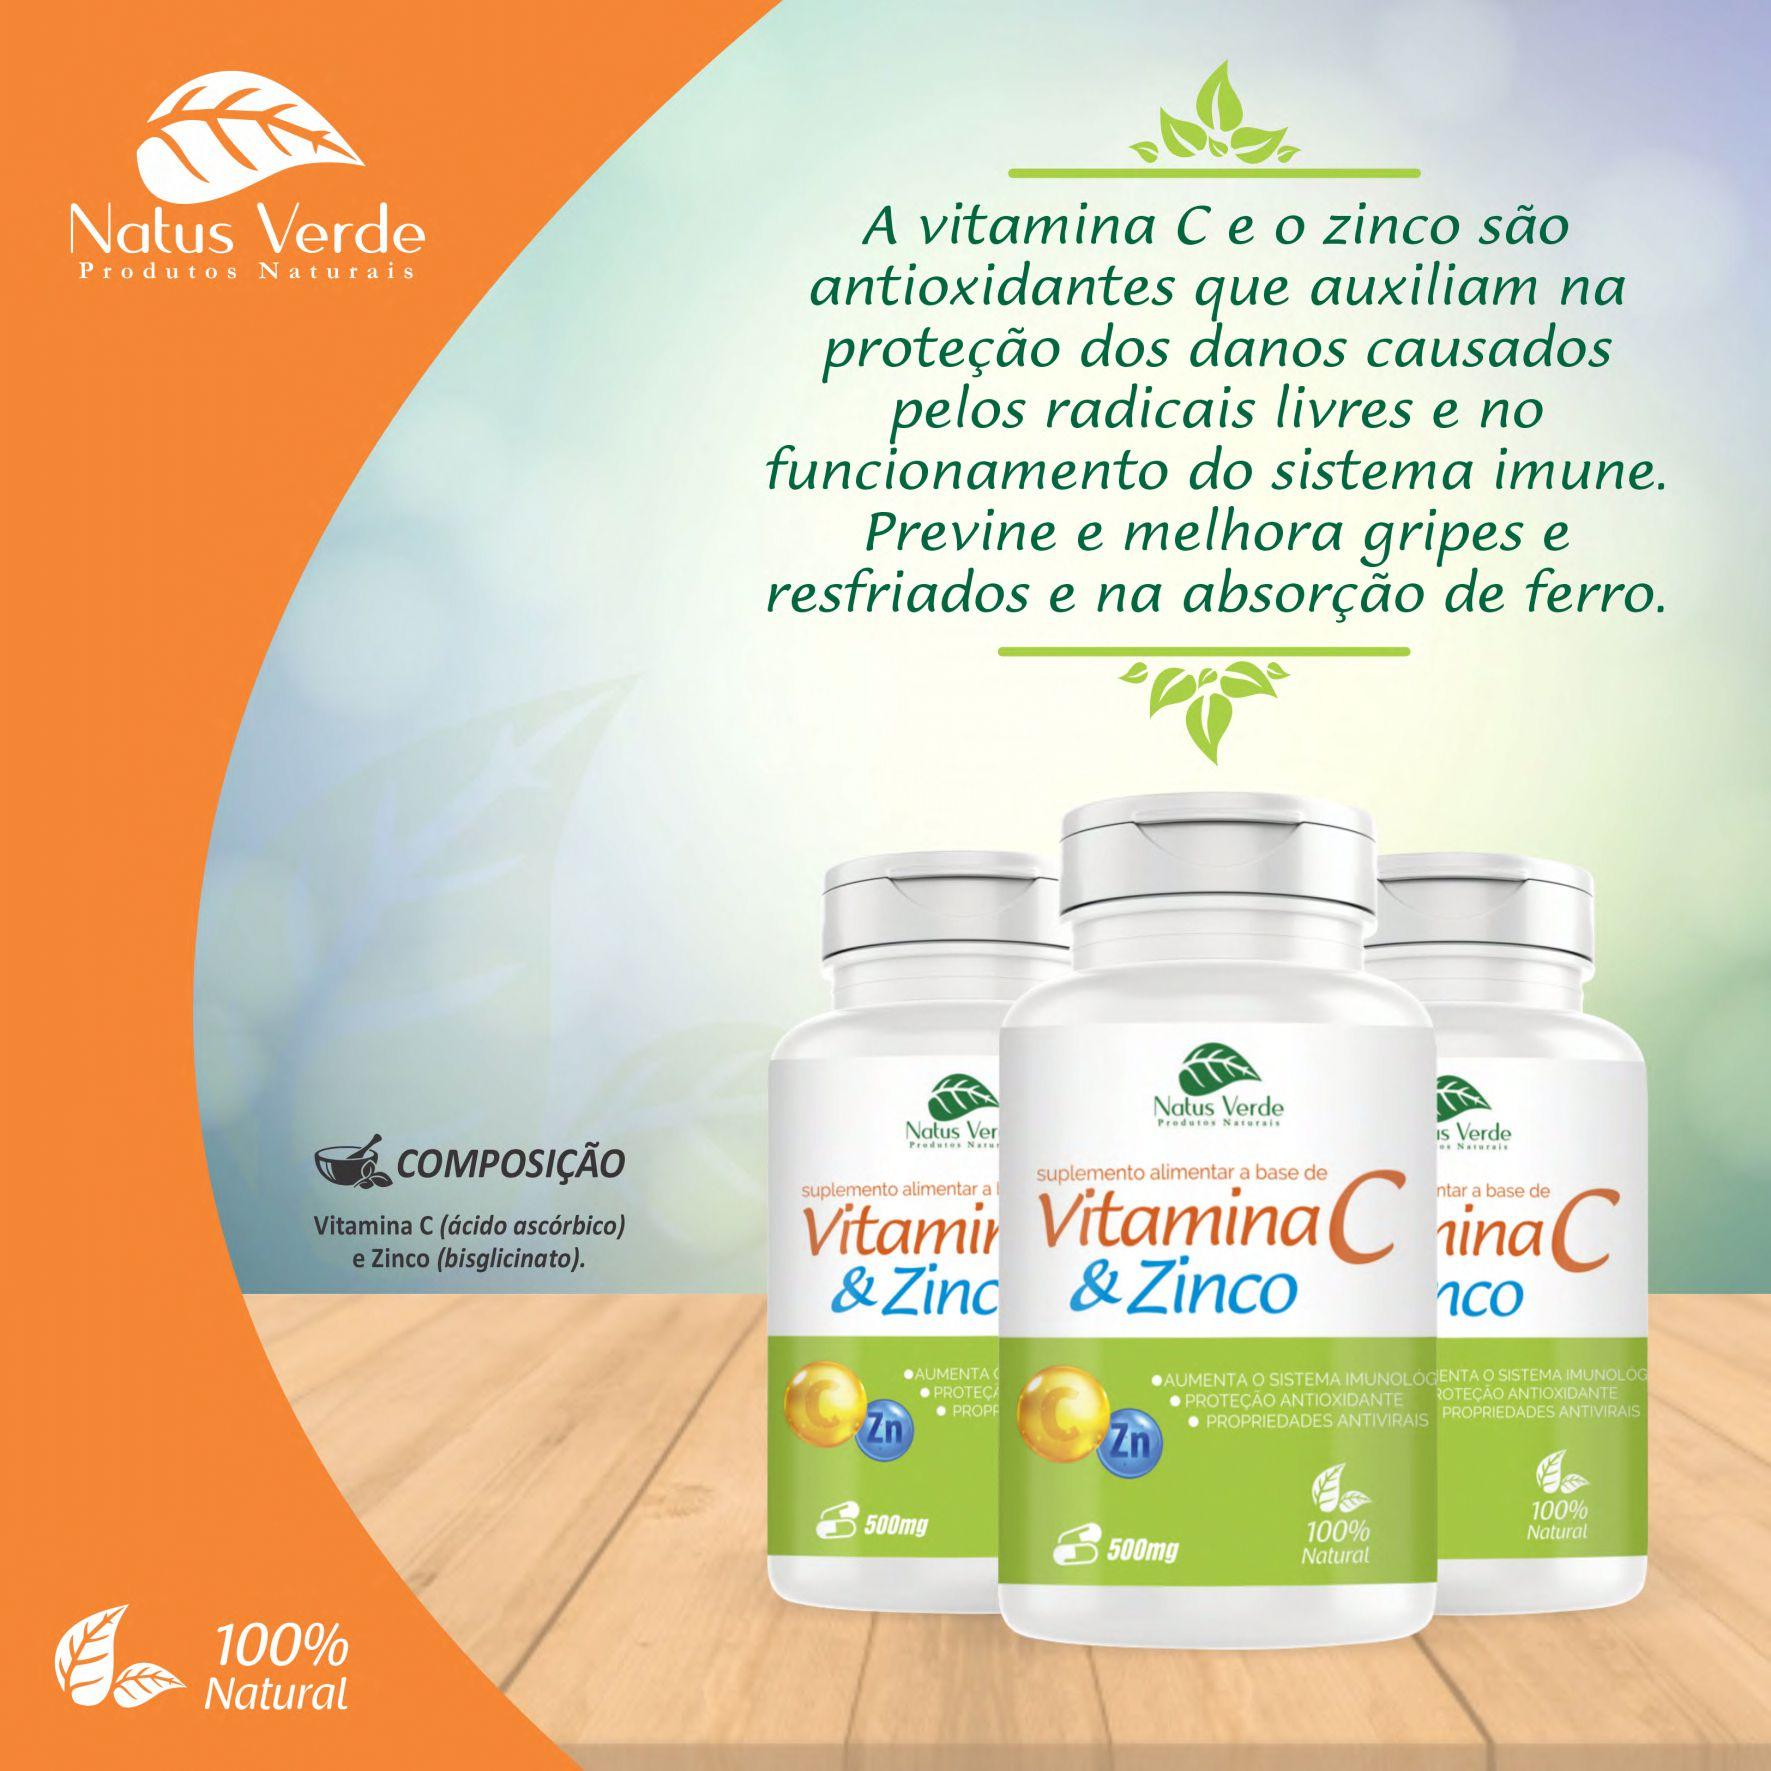 Suplemento Alimentar a Base de Vitamina C e zinco 500mg 60 Caps Natus Verde  - Fribasex - Fabricasex.com